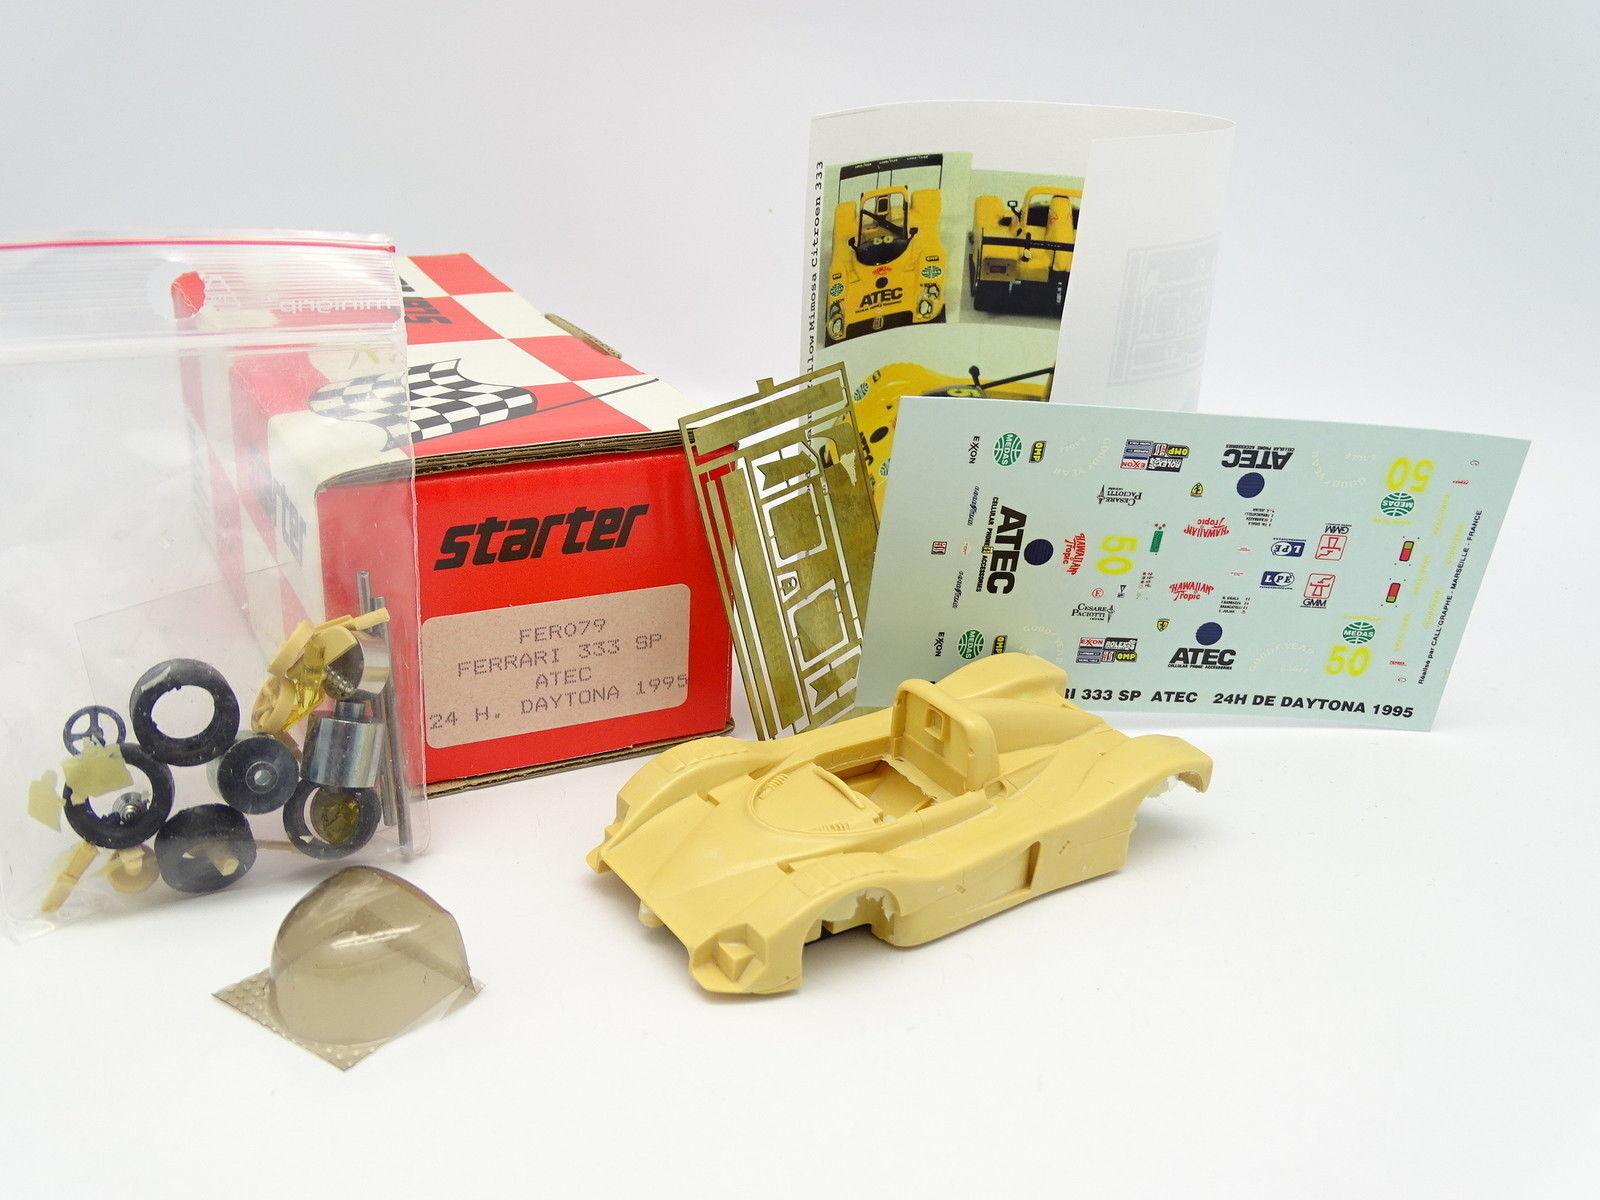 Starter Kit to assemble 1 43 43 43 - Ferrari 333 SP ATEC Daytona 1995 e62a2b